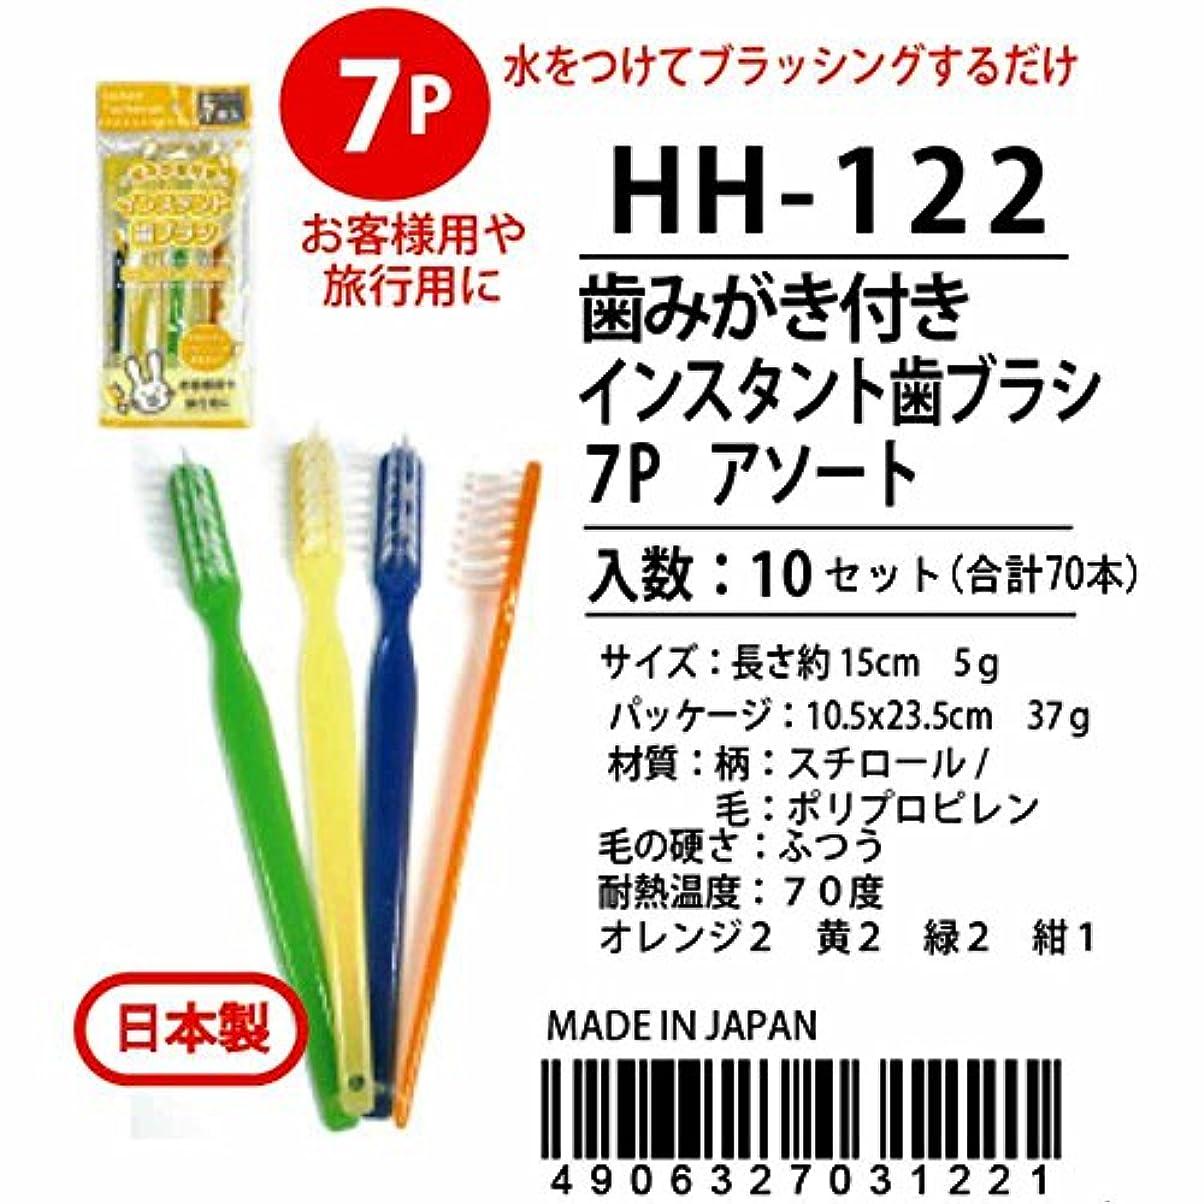 閉塞徴収ウェーハスバル 歯みがき付きインスタント歯ブラシ7P アソート HH-122 【まとめ買い10個セット】